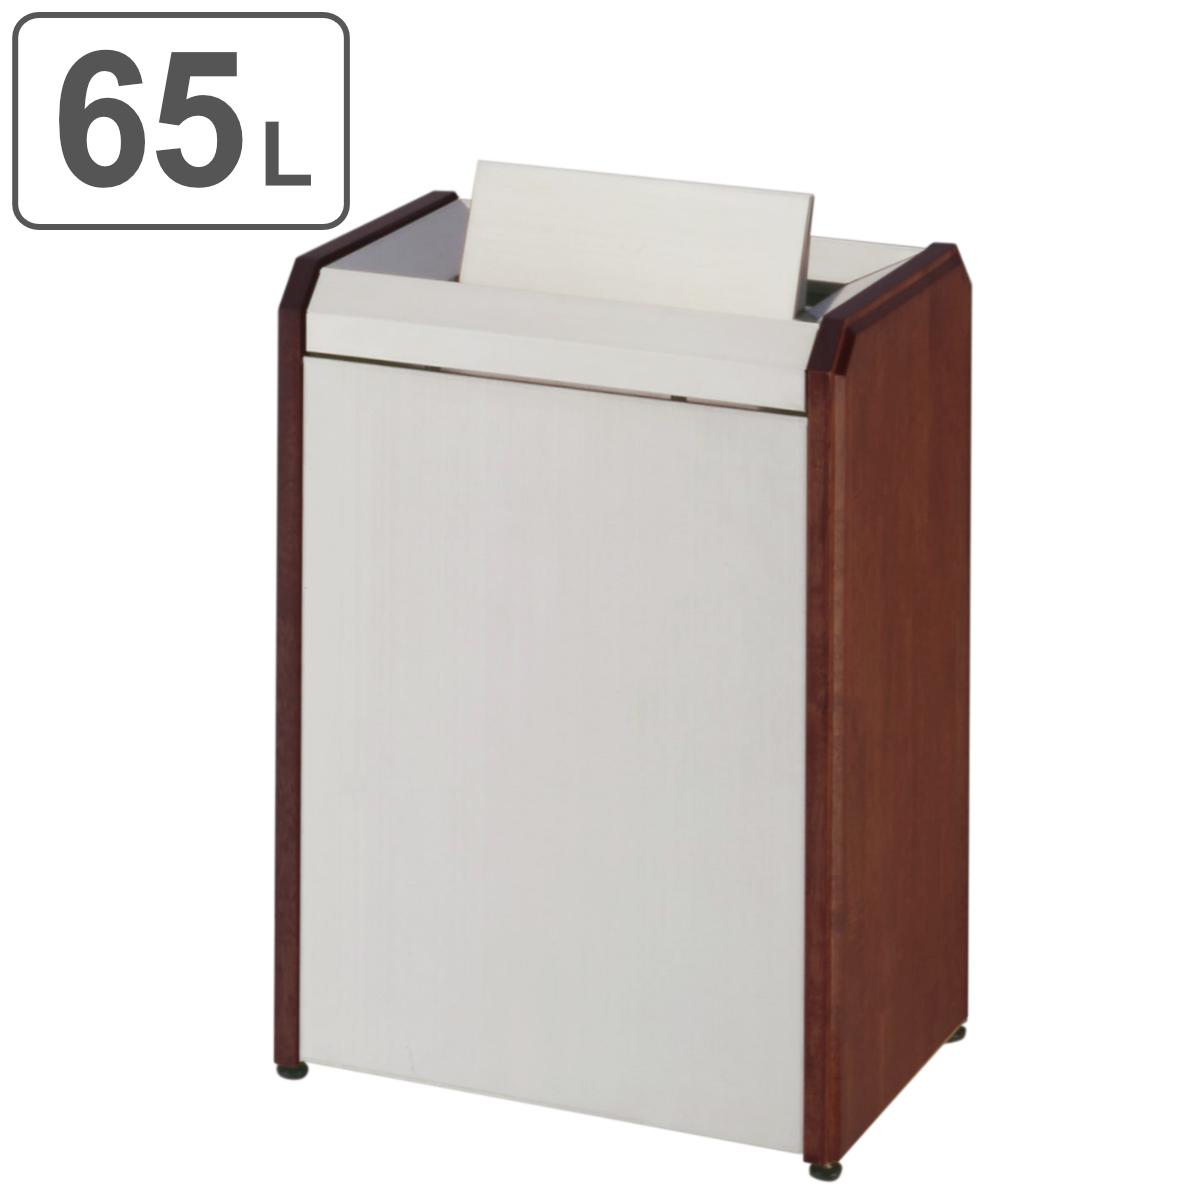 業務用ゴミ箱 屋内用 クリンダスト フタ付 ステンレス/木製側板 65L ( 送料無料 ダストボックス ごみ箱 くず入れ 蓋付き )